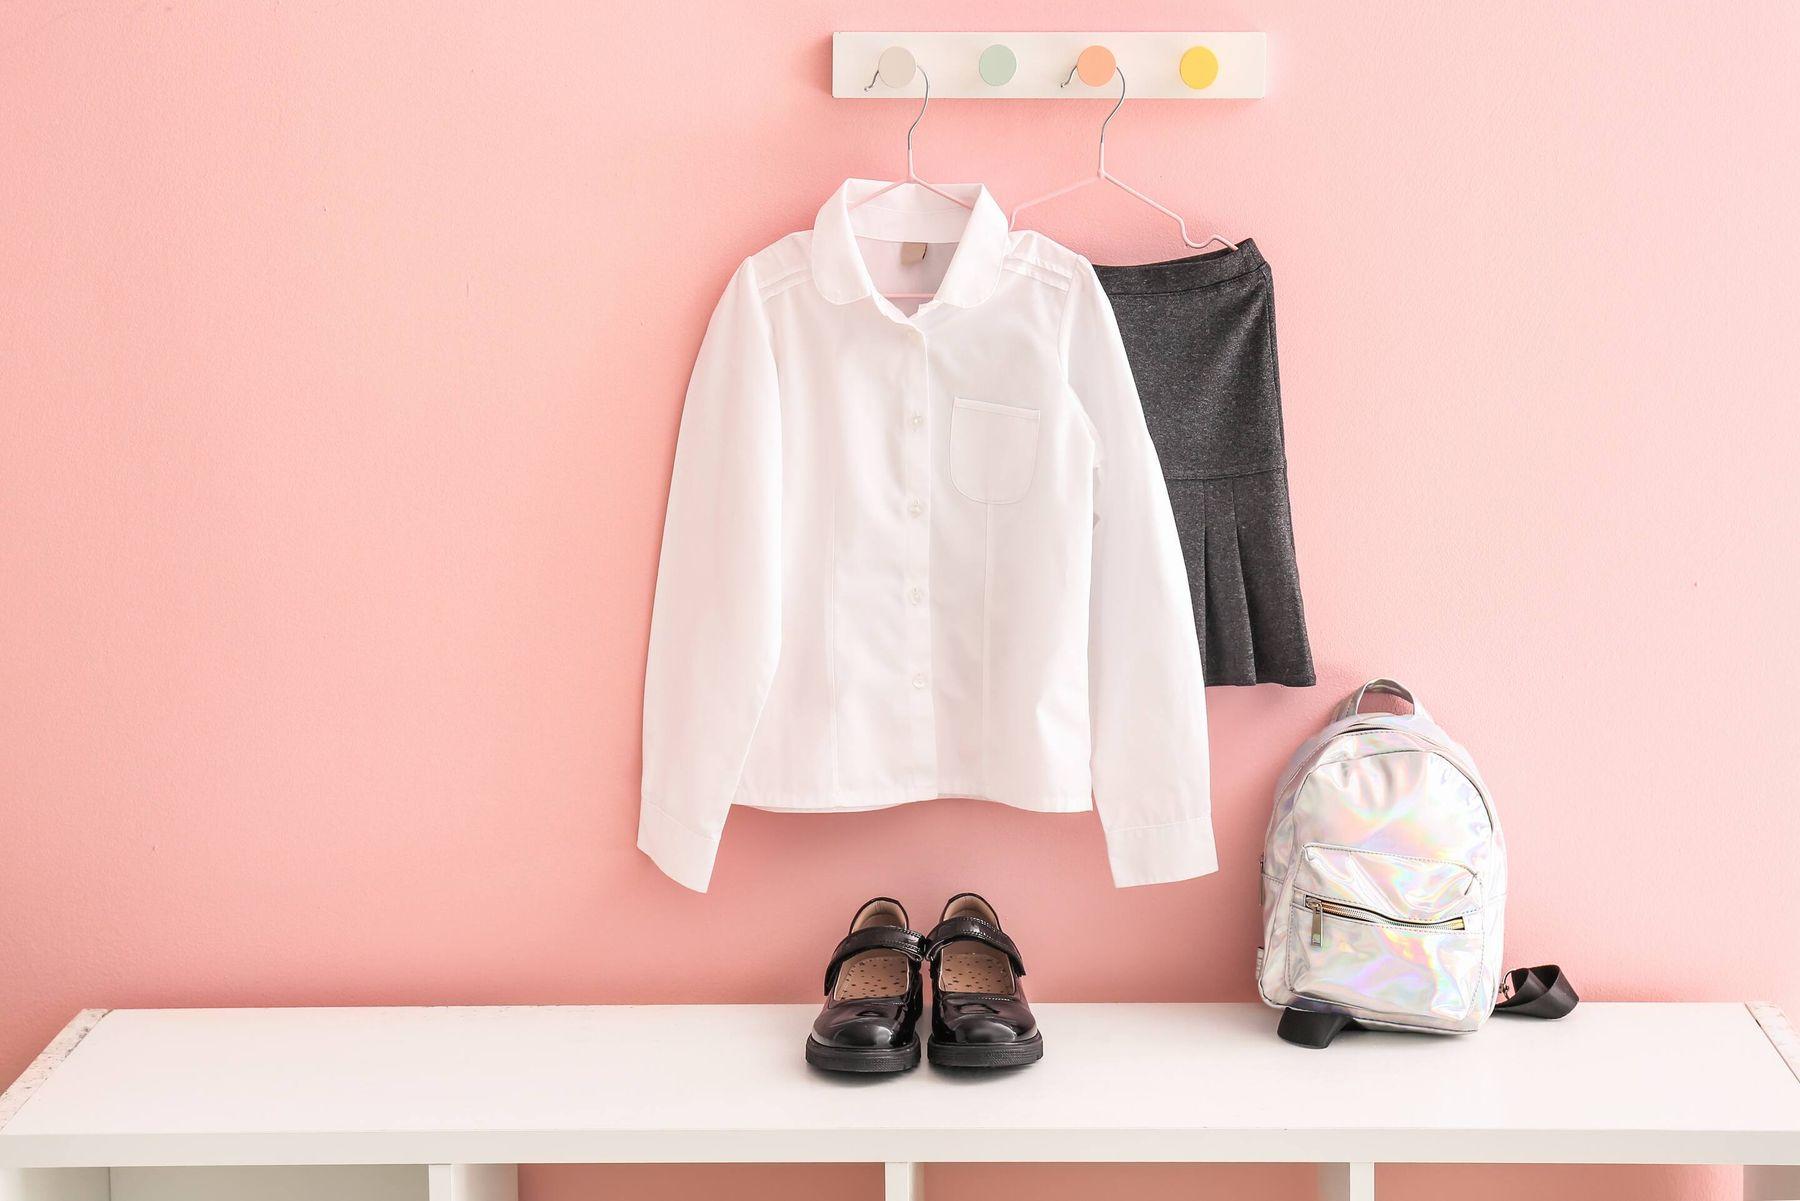 Nếu áo bị loang màu quá nặng bạn có thể tẩy trắng áo với thuốc tẩy